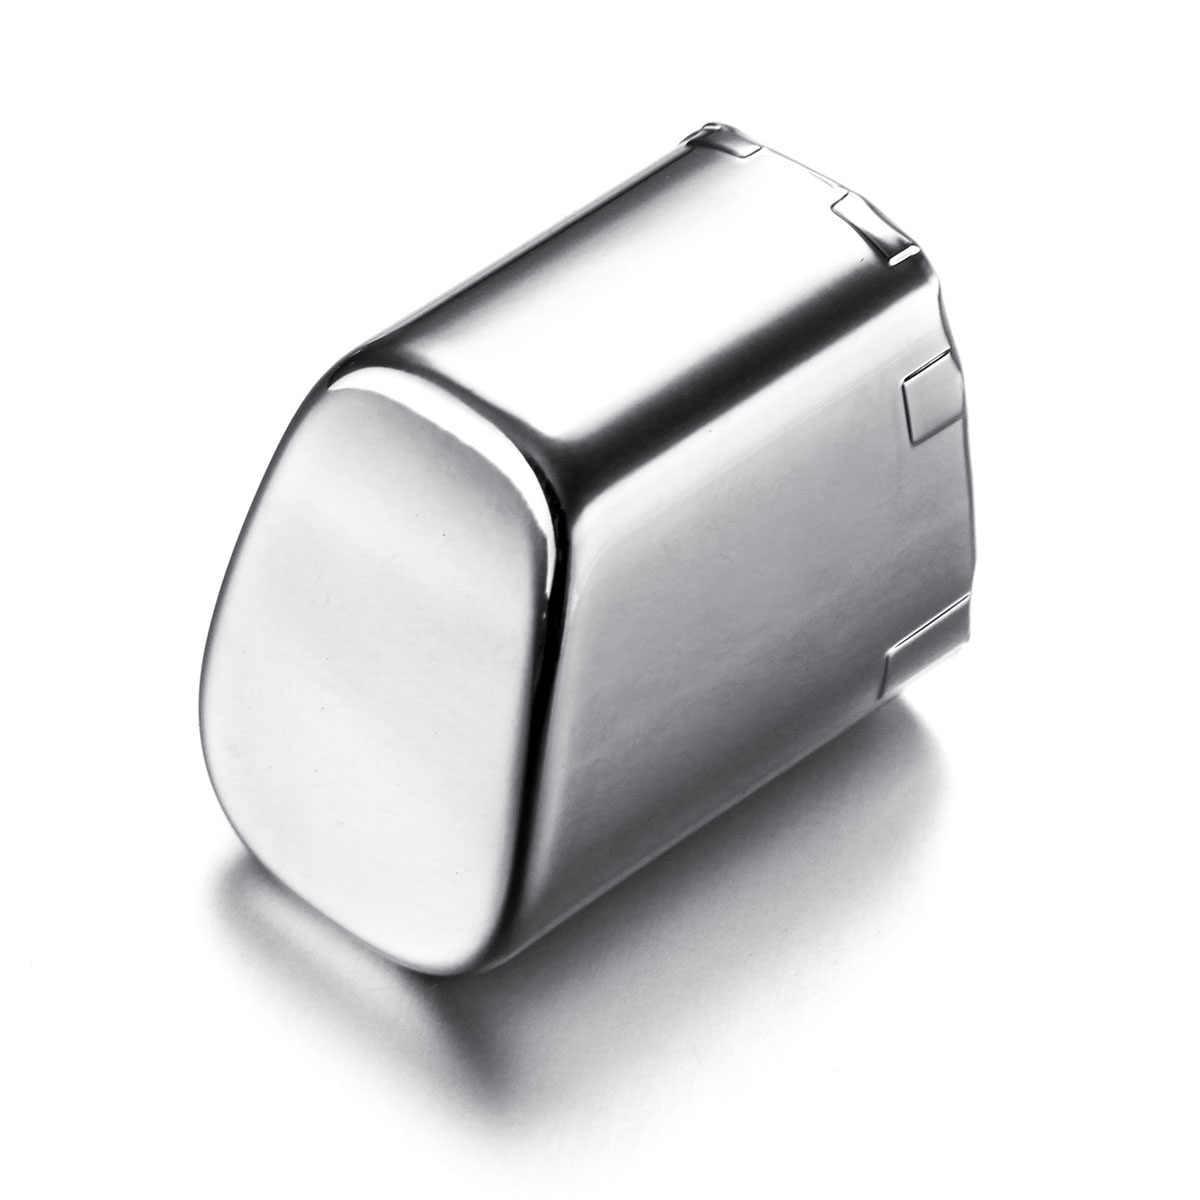 Samochodowy hamulec ręczny dźwignia hamulca ręcznego przycisk parkowania obudowa przełącznika Chrome 6RD711333A 6RD 711 333 A dla VW Polo CROSS GTI